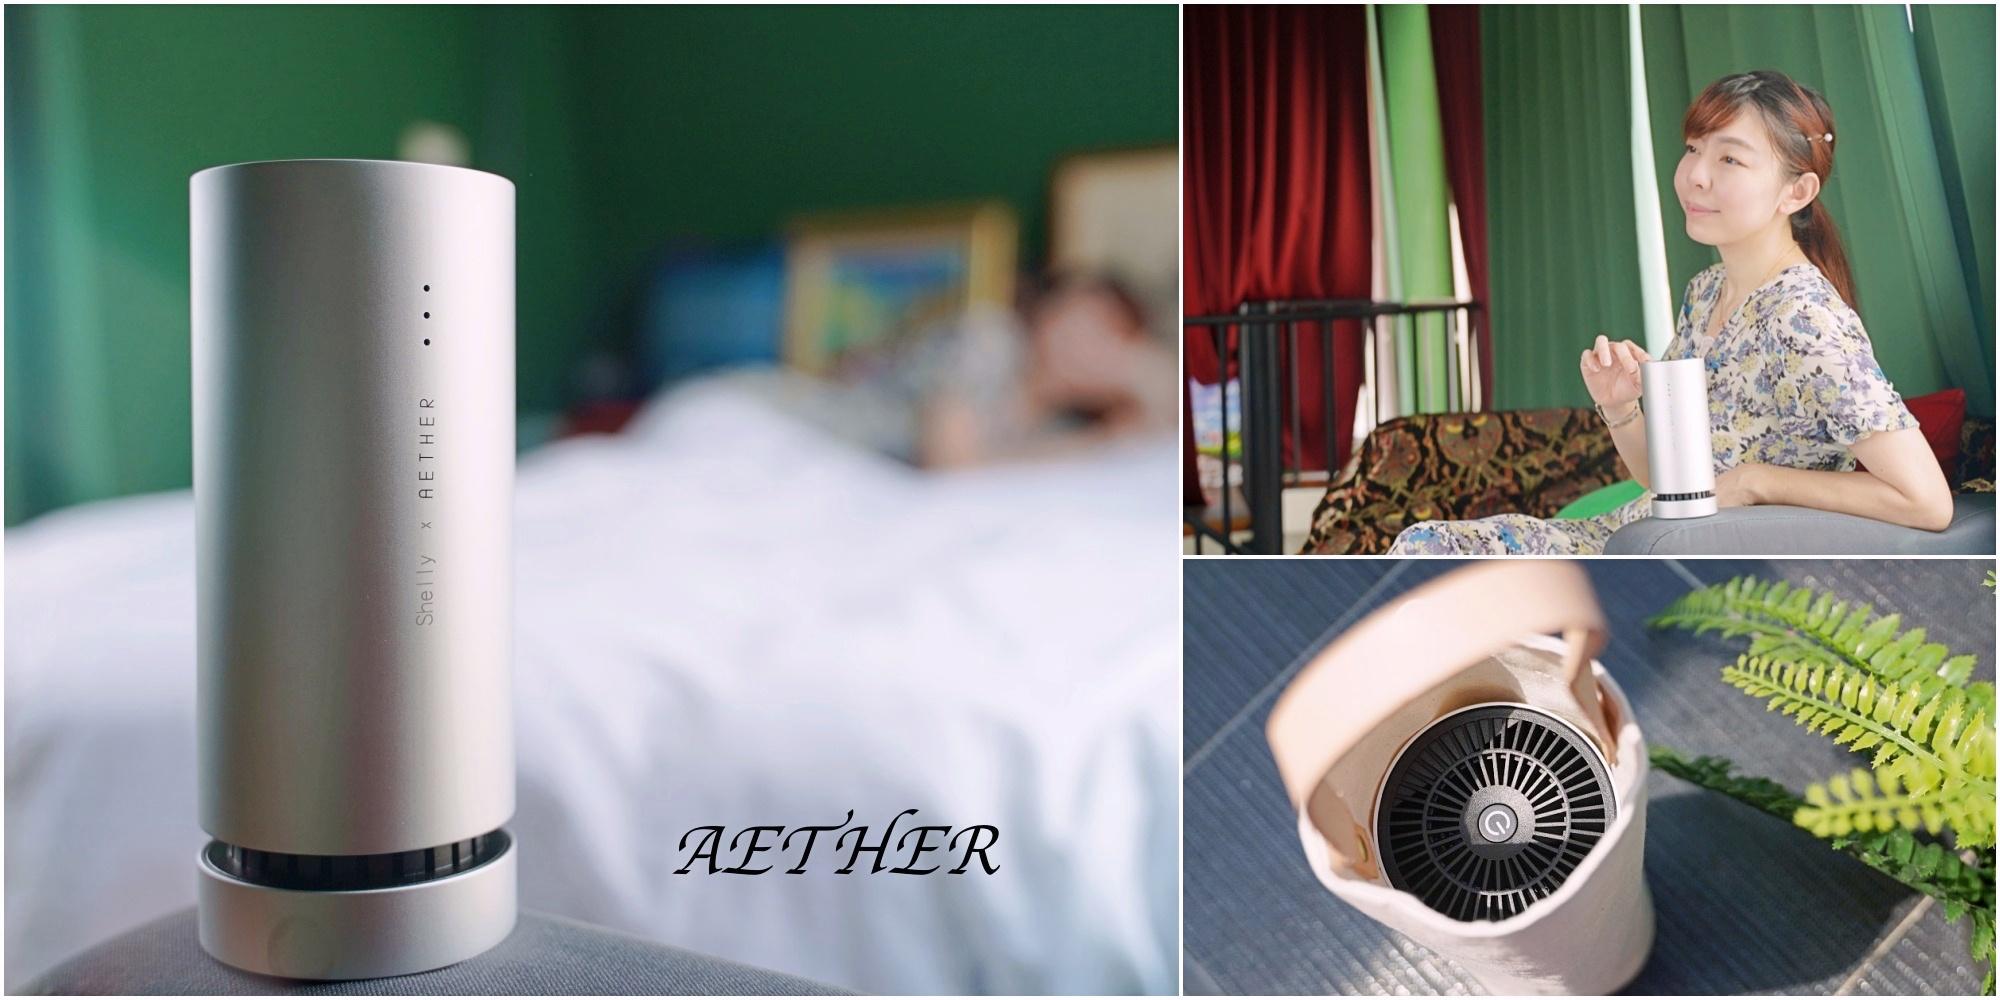 Aether攜帶型空氣清淨機STM-1|隨身空氣清淨機|旅行用空氣清淨機|車用空氣清淨機